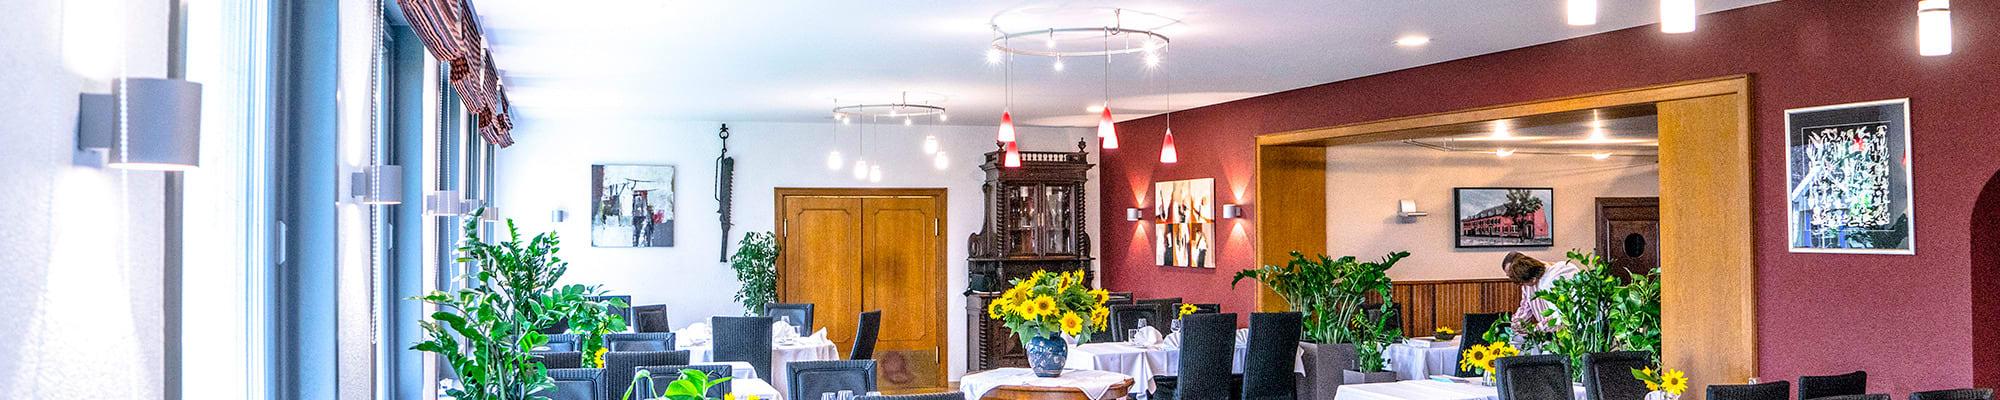 Restaurant neu weiße helle Spanndecke Weinrote Wände